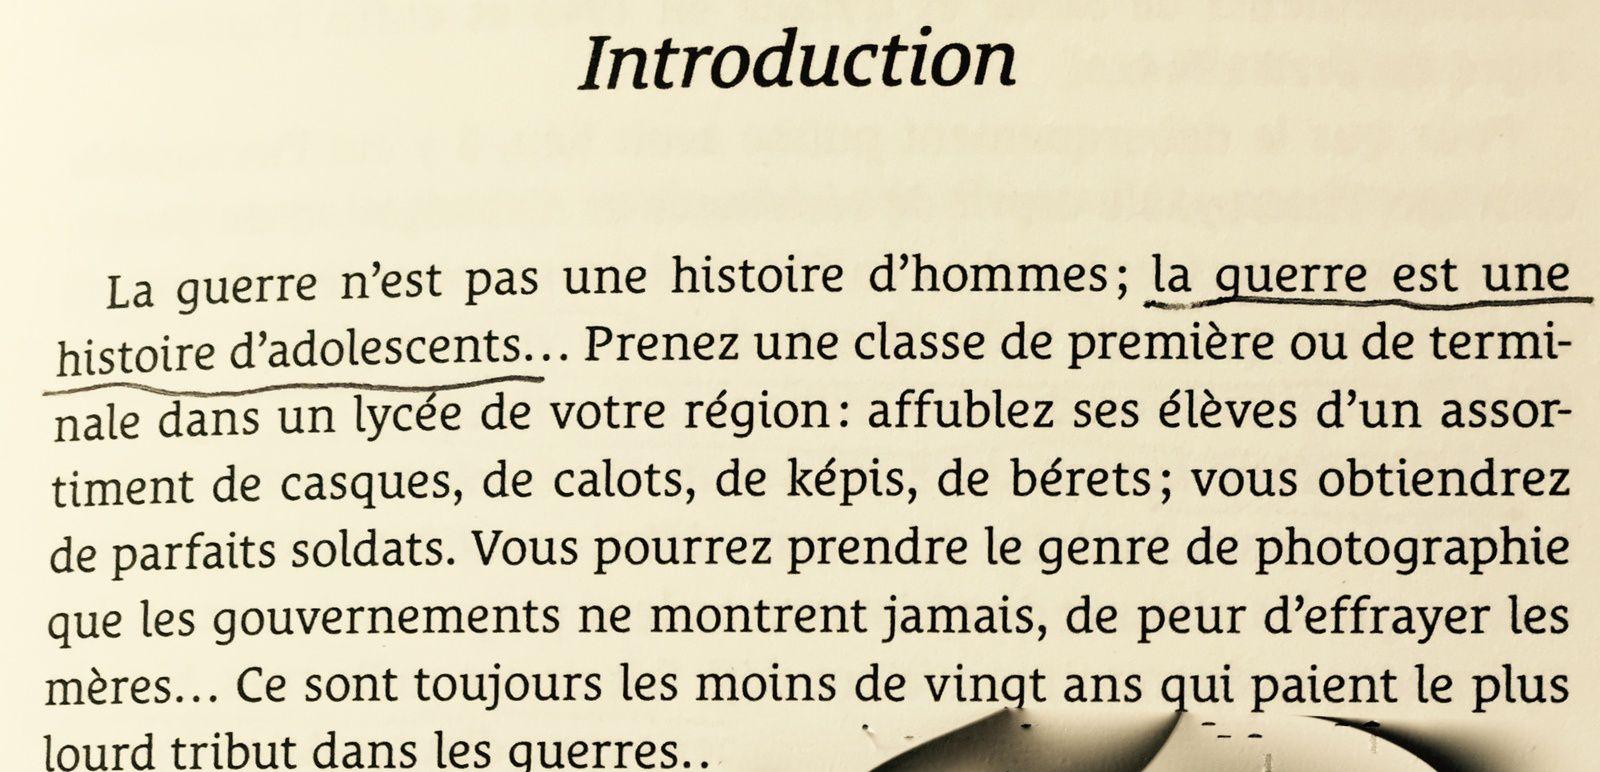 extraite de l'introduction de Paroles du jour J -JP Guéno - Librio